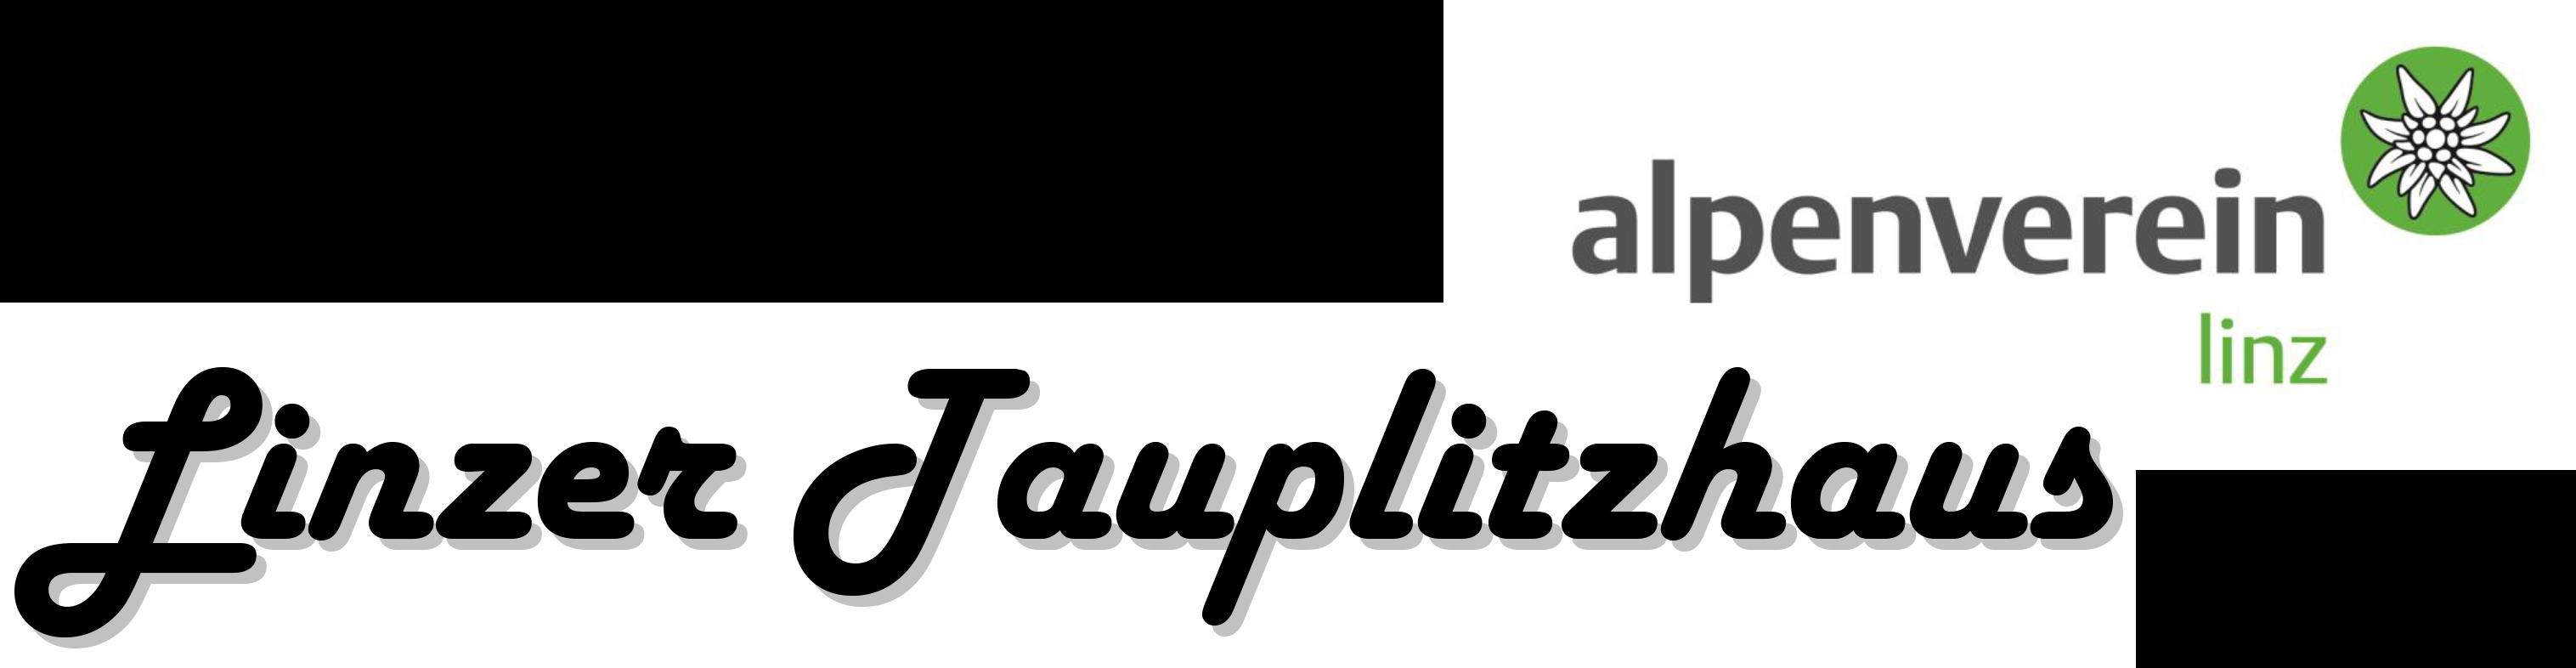 Linzer Tauplitzhaus